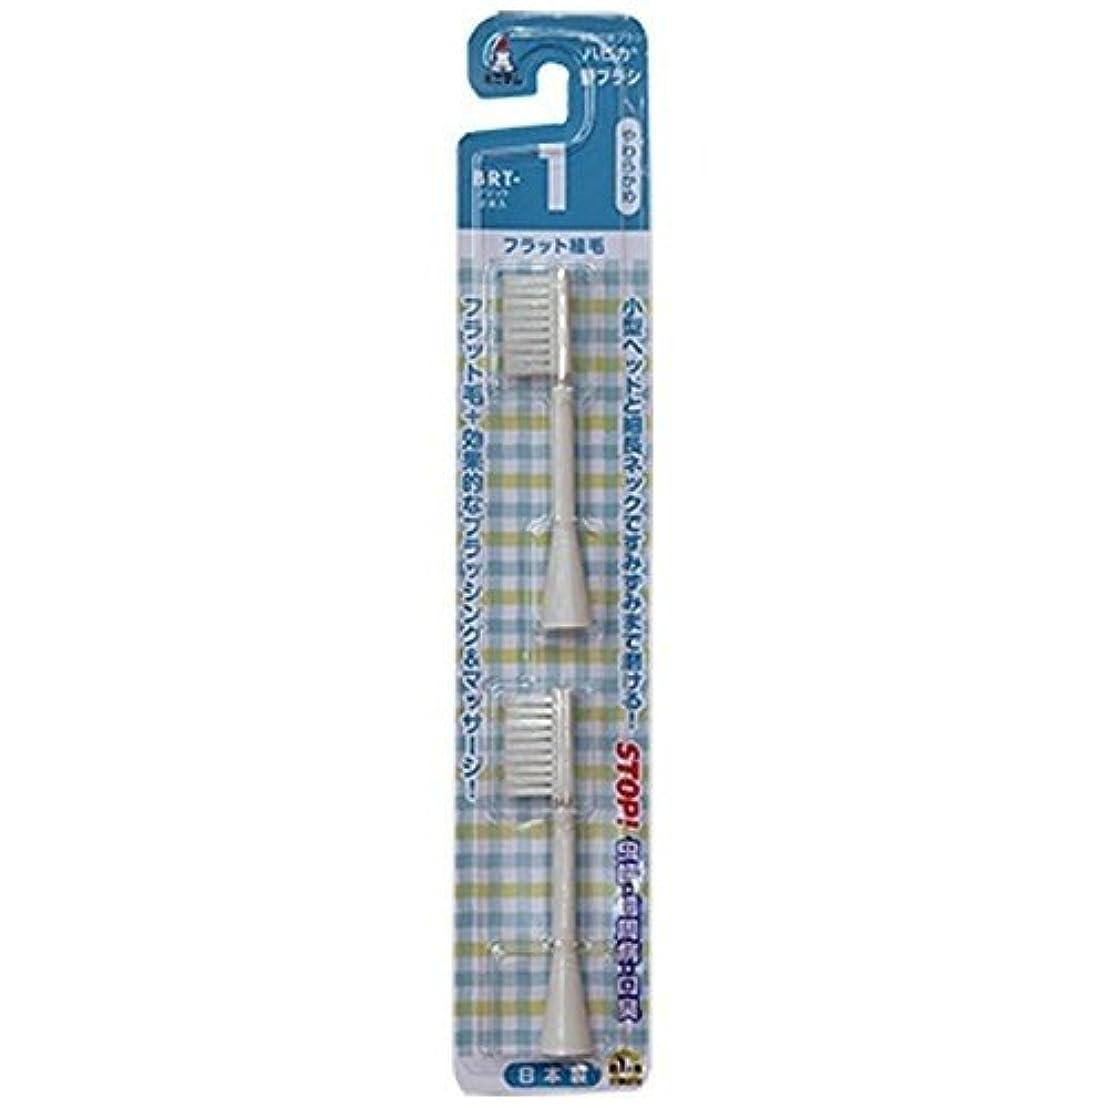 減るケージフェンスミニマム 電動付歯ブラシ ハピカ 専用替ブラシ フラット植毛 毛の硬さ:やわらかめ BRT-1T 2個入